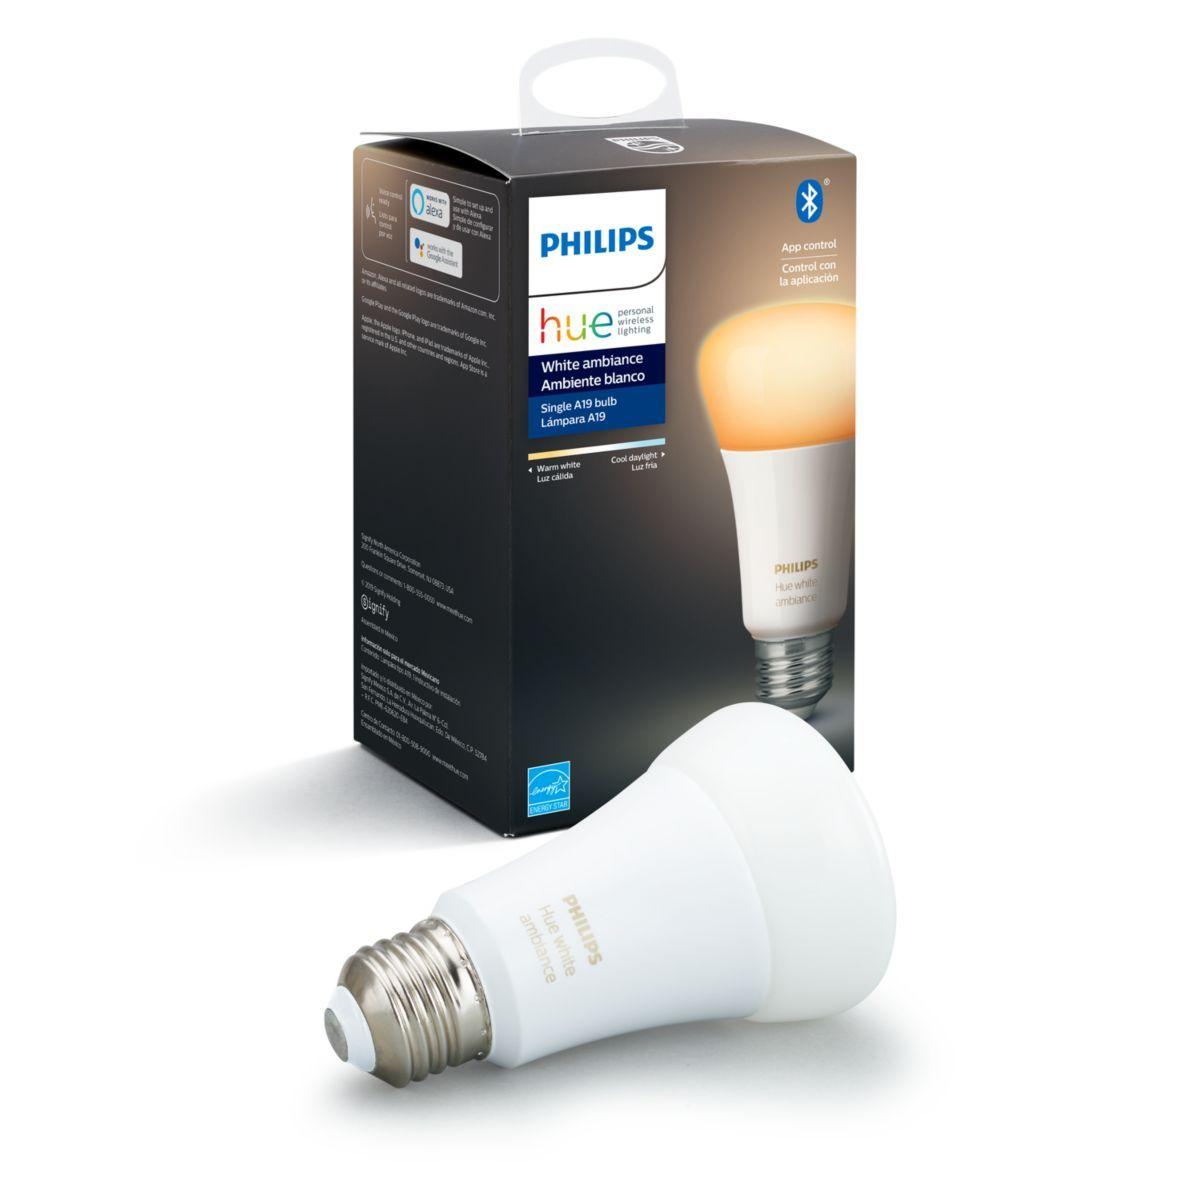 Philips Hue WA 9W A19 E26 US BLE Hue, Works with alexa